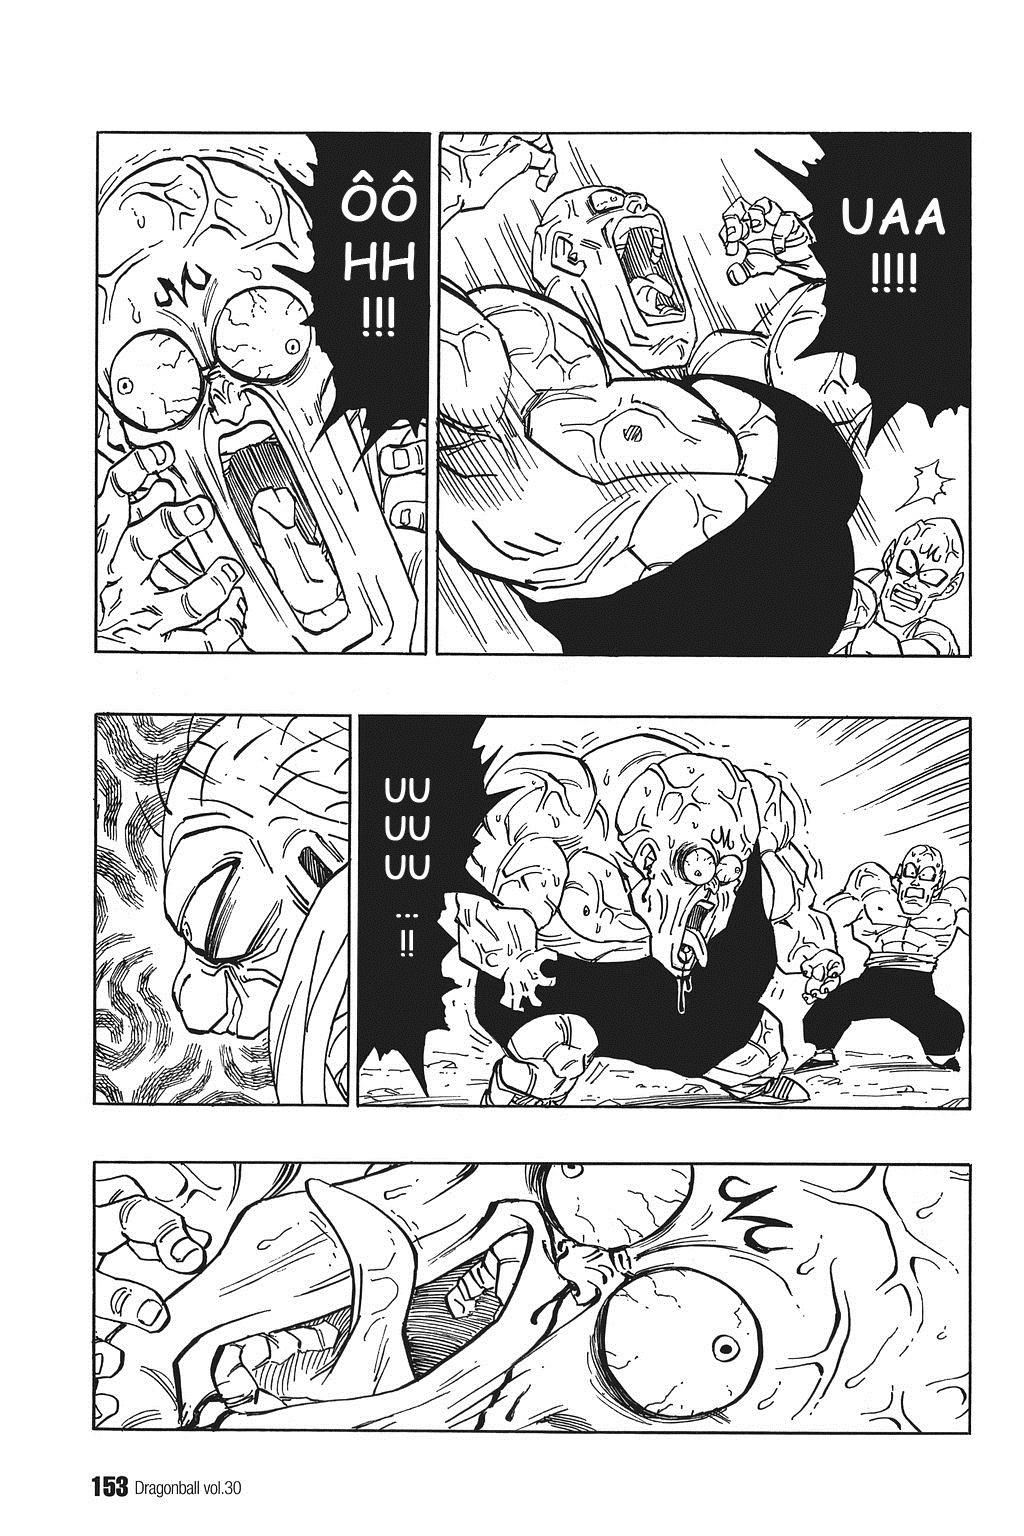 xem truyen moi - Dragon Ball Bản Vip - Bản Đẹp Nguyên Gốc Chap 447